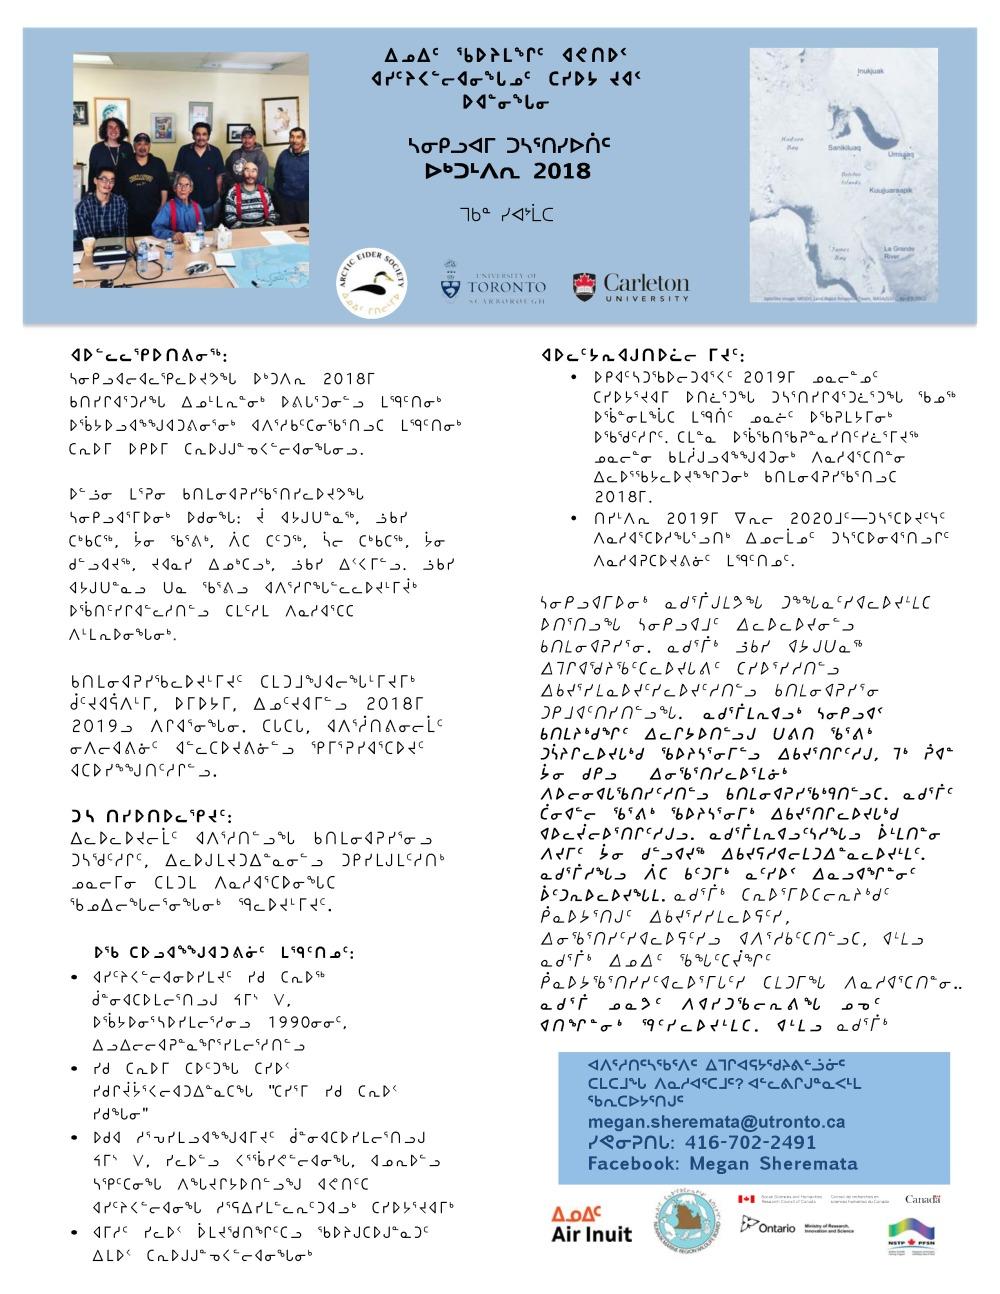 Sanikiluaq 2019 Trip reportENGINUKRS_Page_2